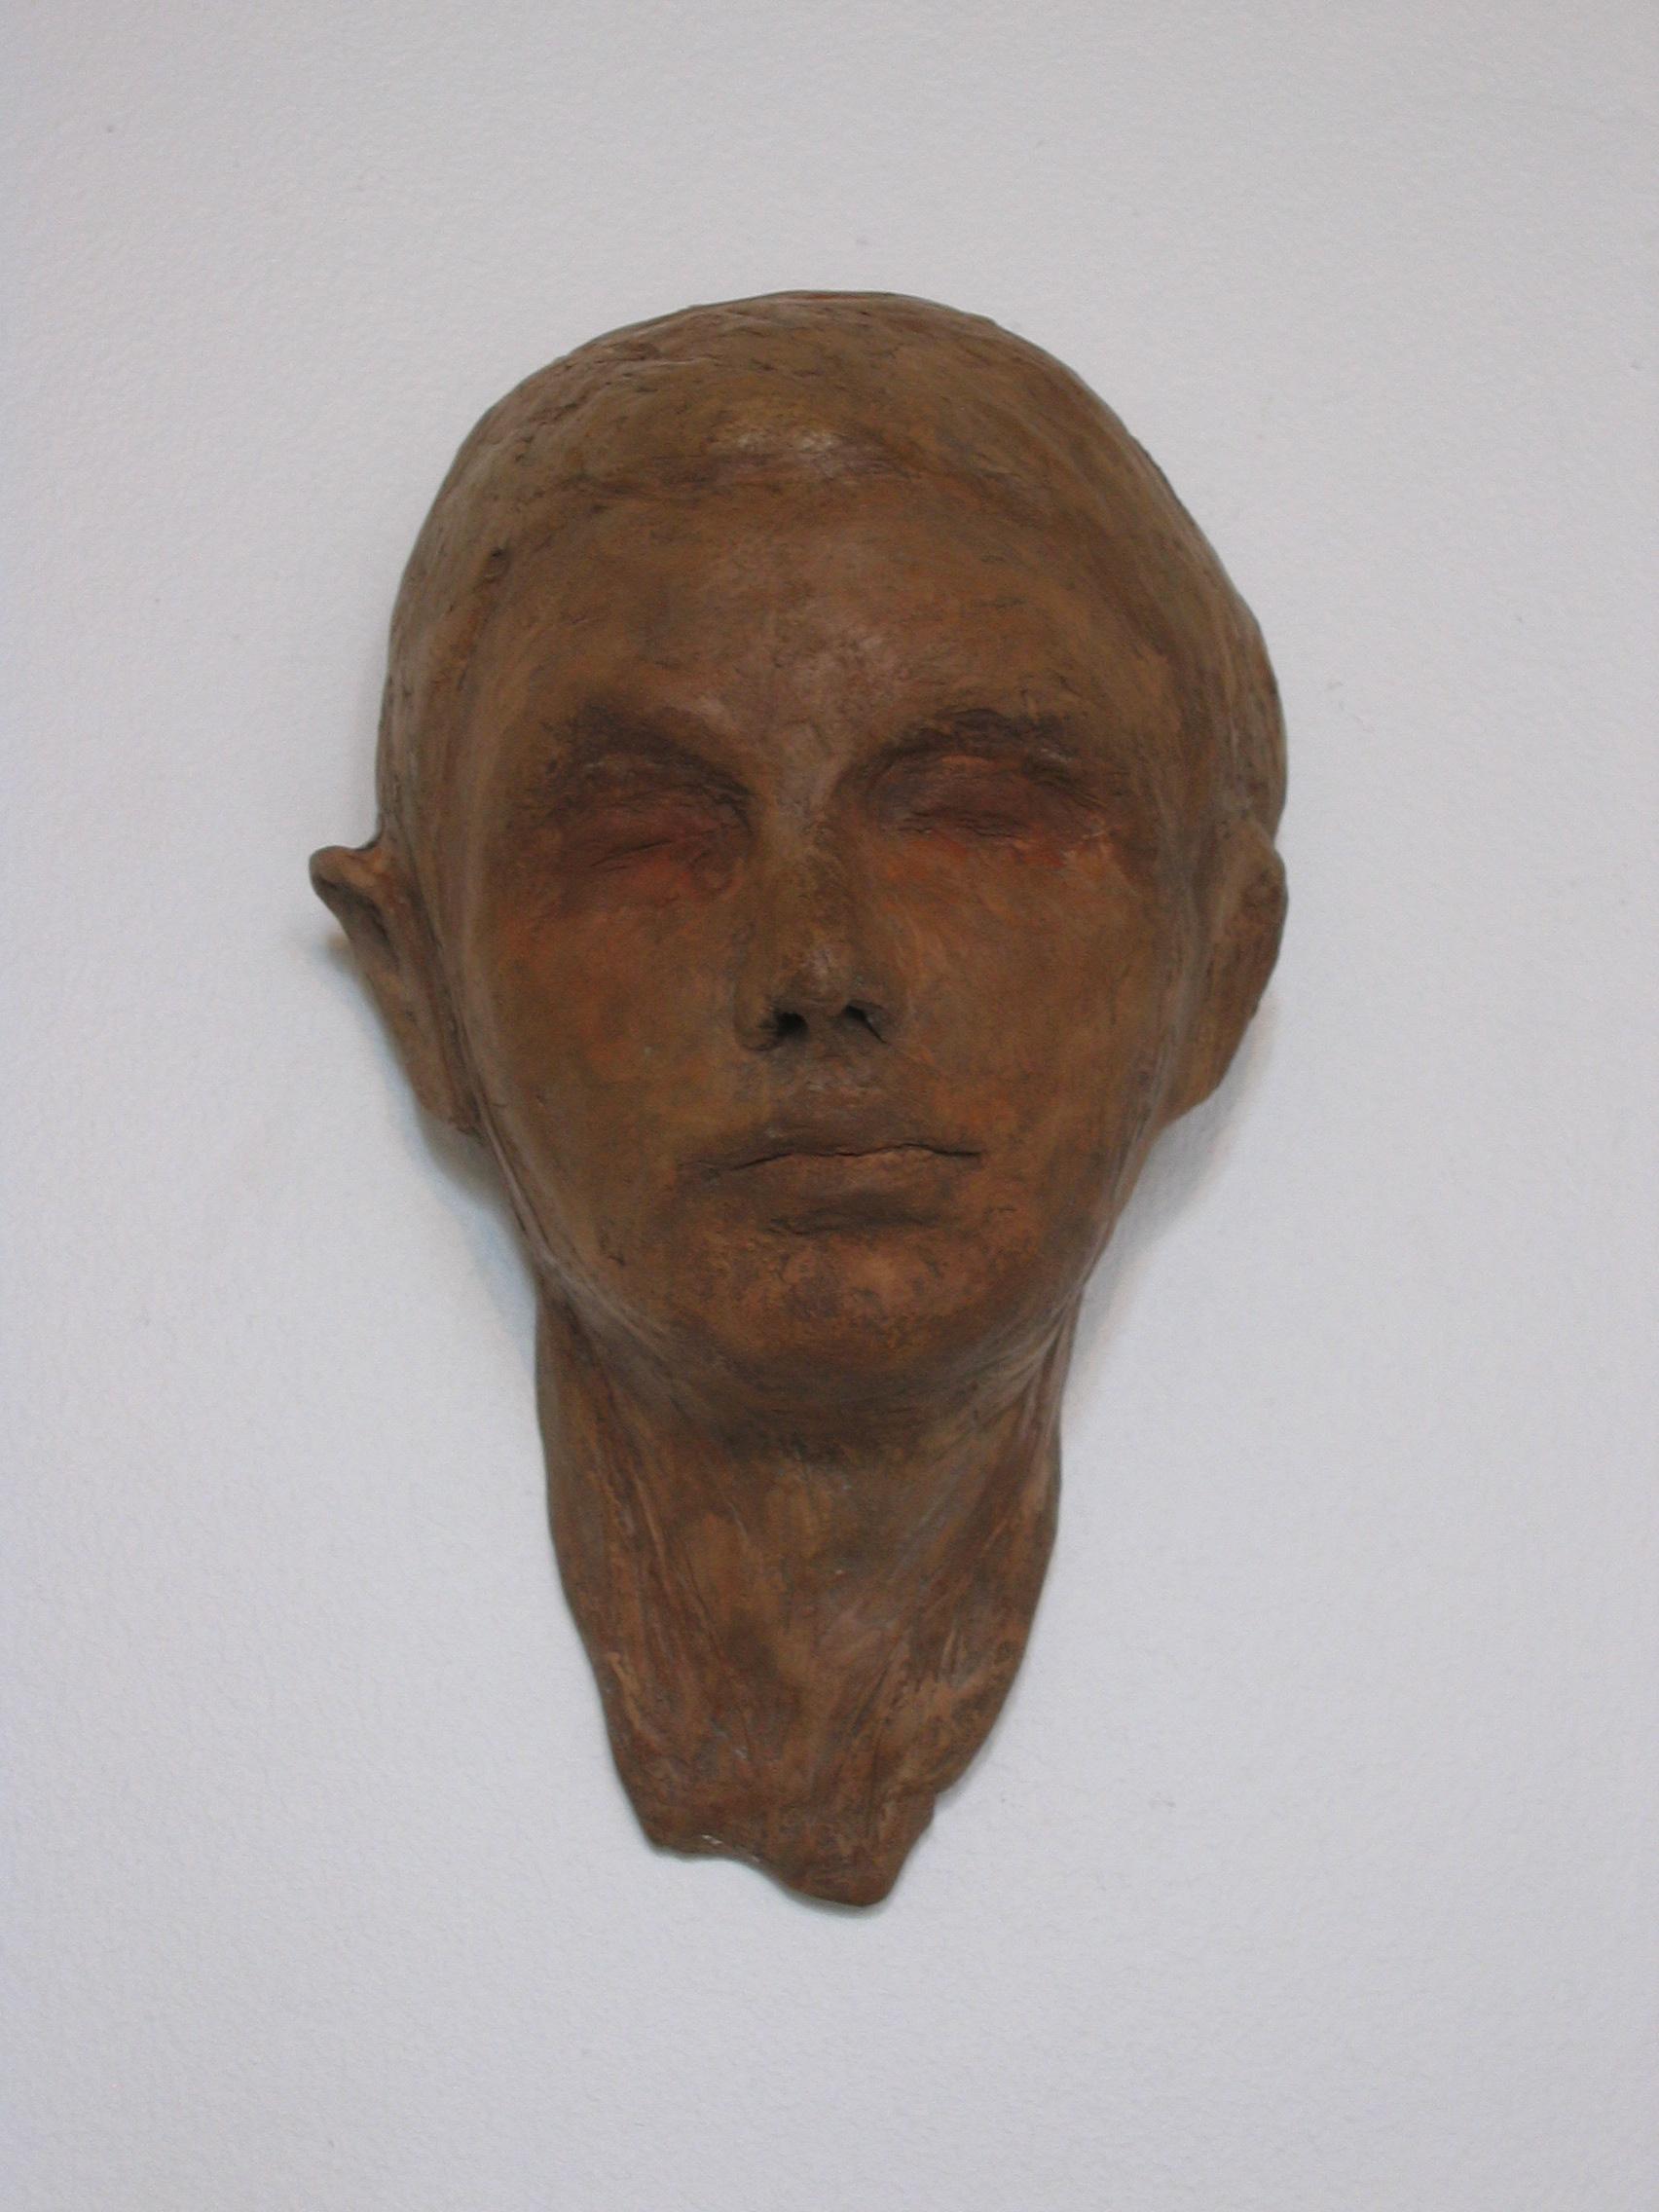 Rust , 9 x 6 x 5 inches, Ceramic - 2006